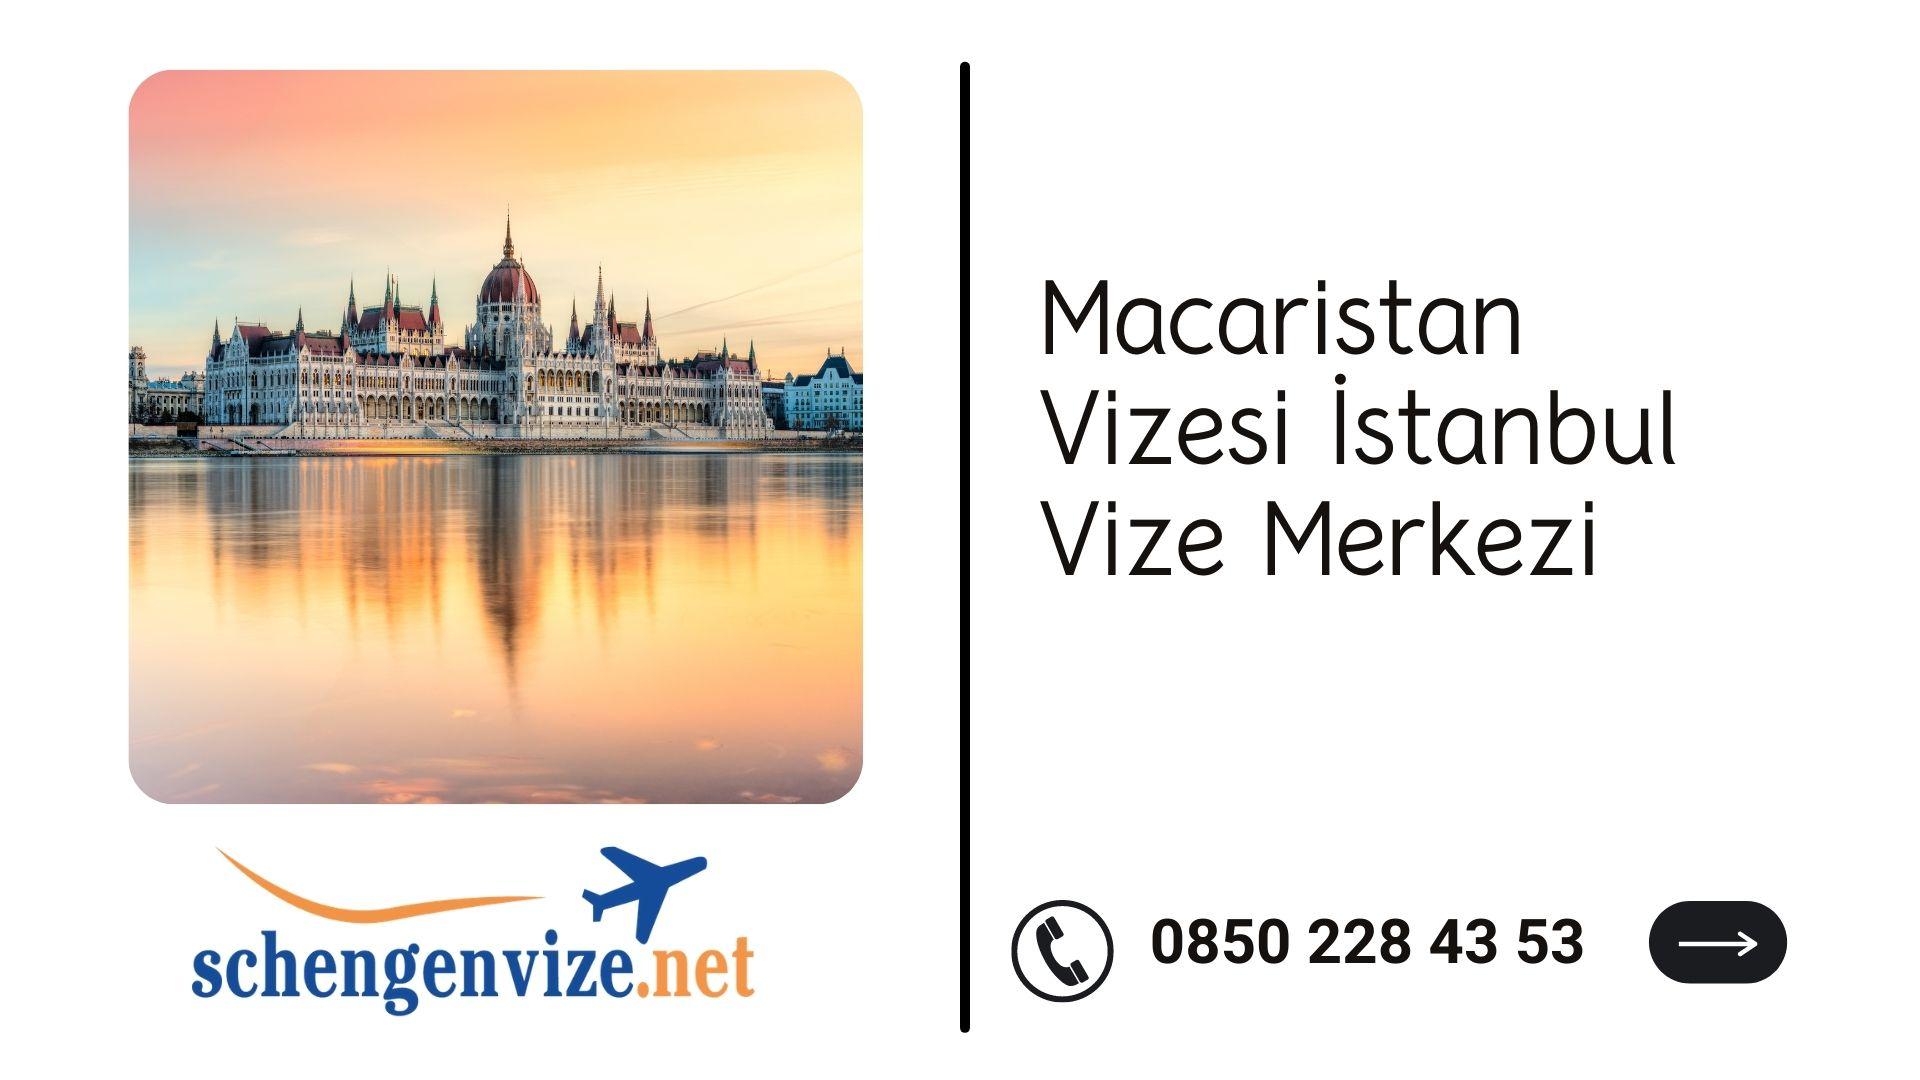 Macaristan Vizesi İstanbul Vize Merkezi